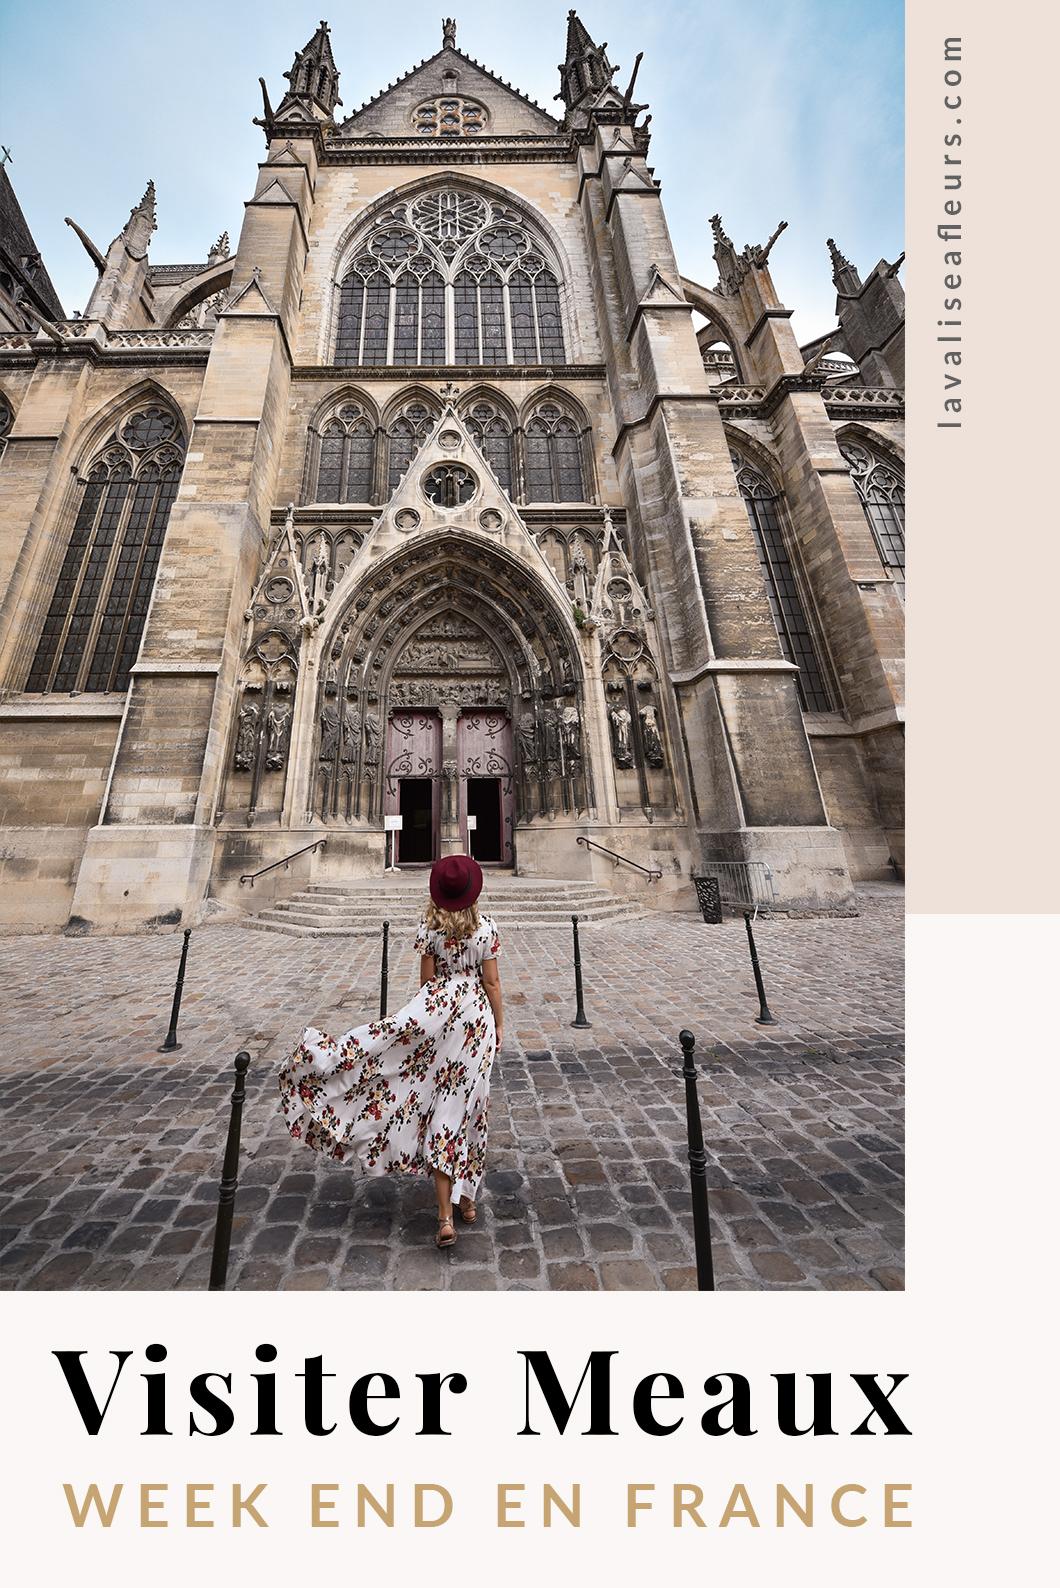 Visiter Meaux, idée de week end en France